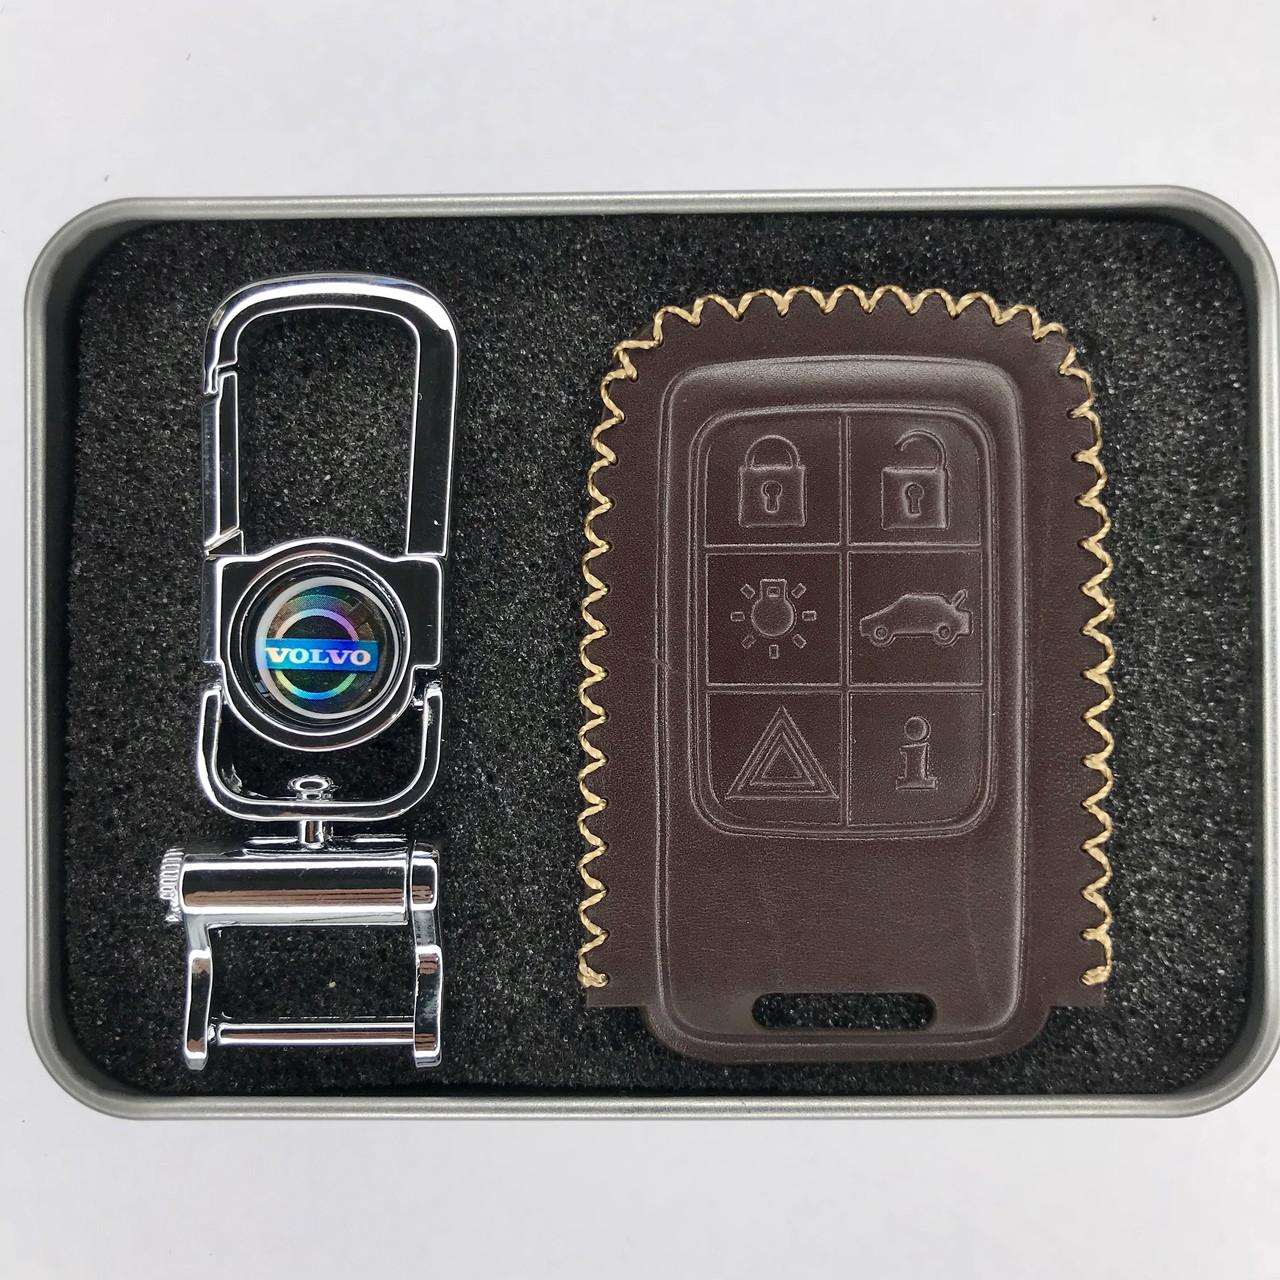 Чехол для ключа Volvo C30,C70,S40,S60,S80,S90,V40,V50, V60,V70,V90 Cross country,XC40,XC60,XC70,XC90